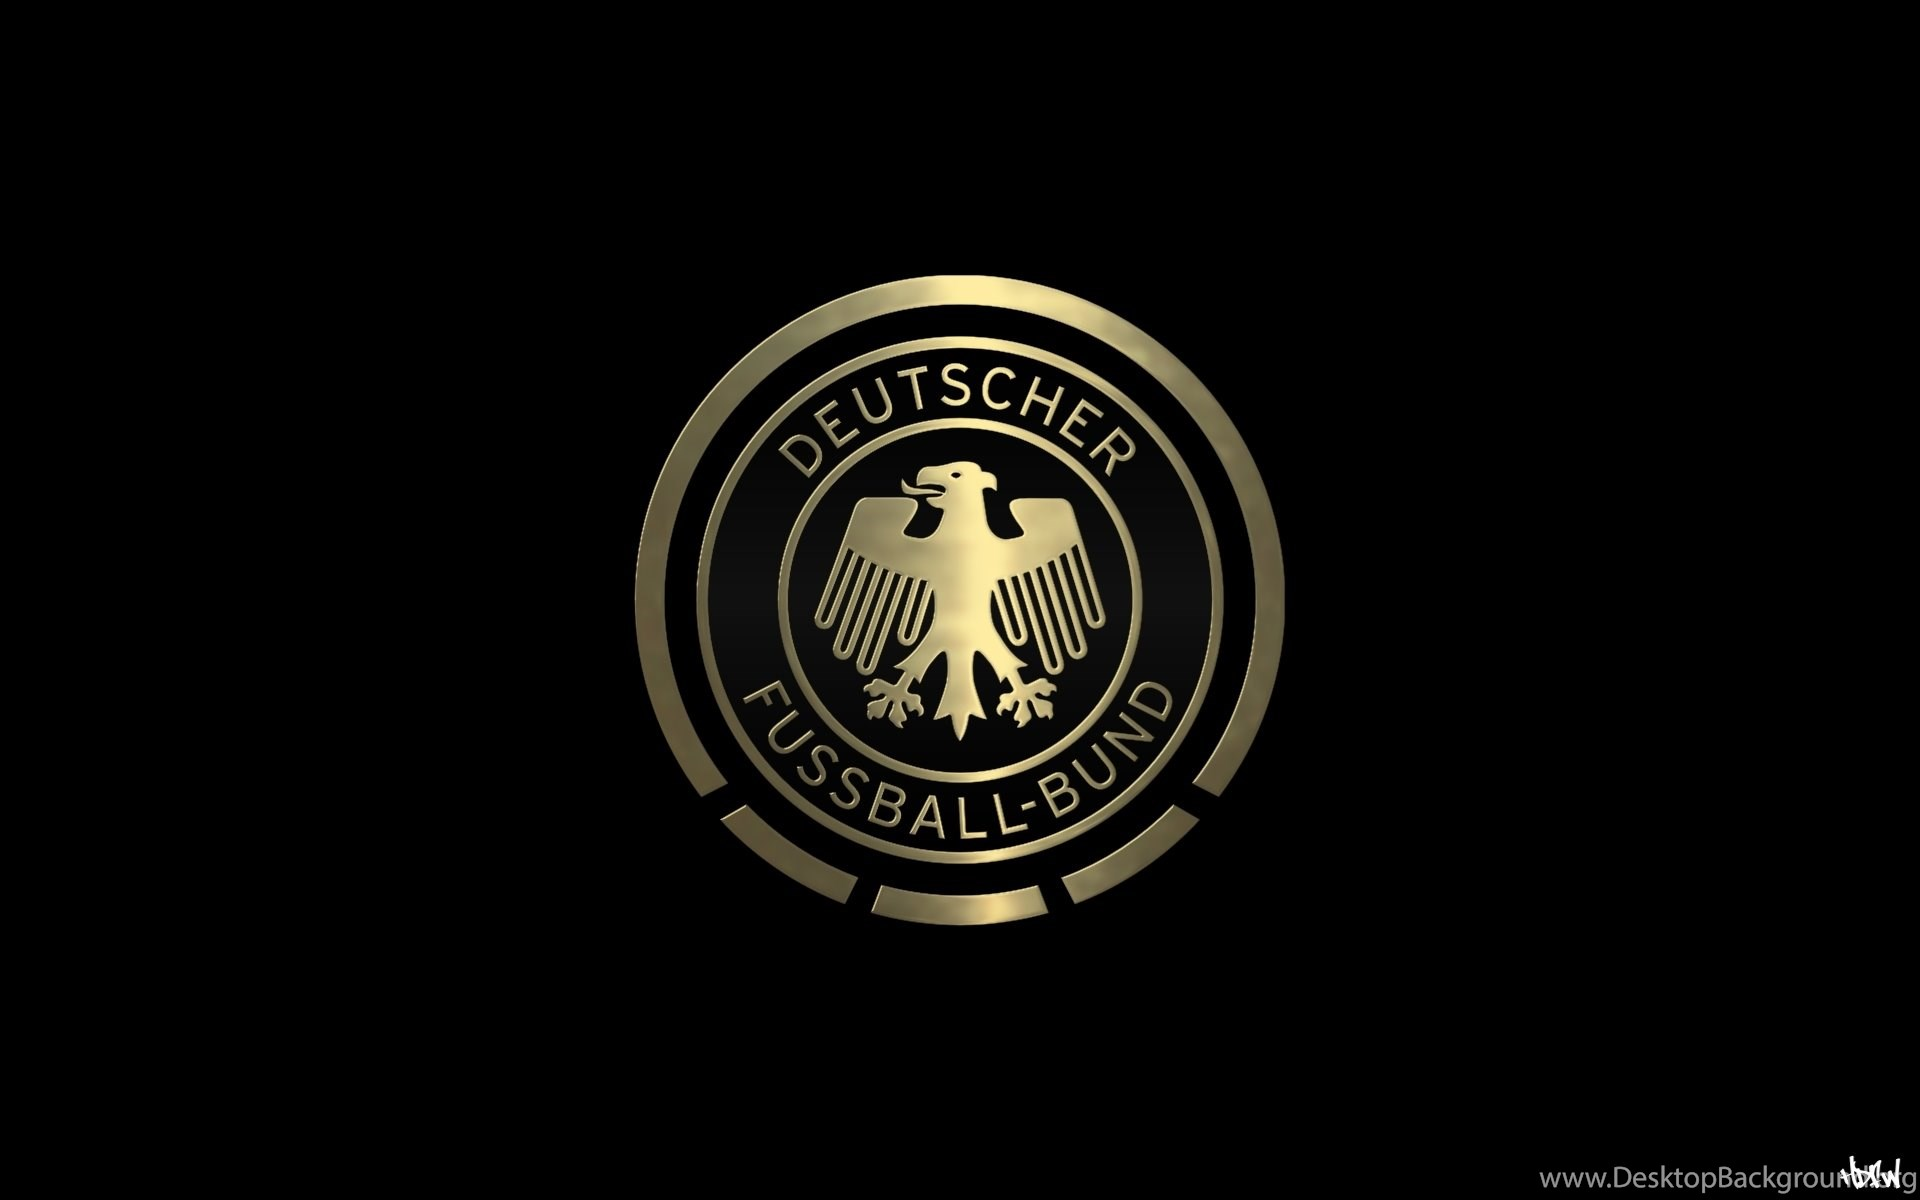 продаже недвижимости обои на рабочий стол с символикой сборной германии по футболу пролил кофе лист